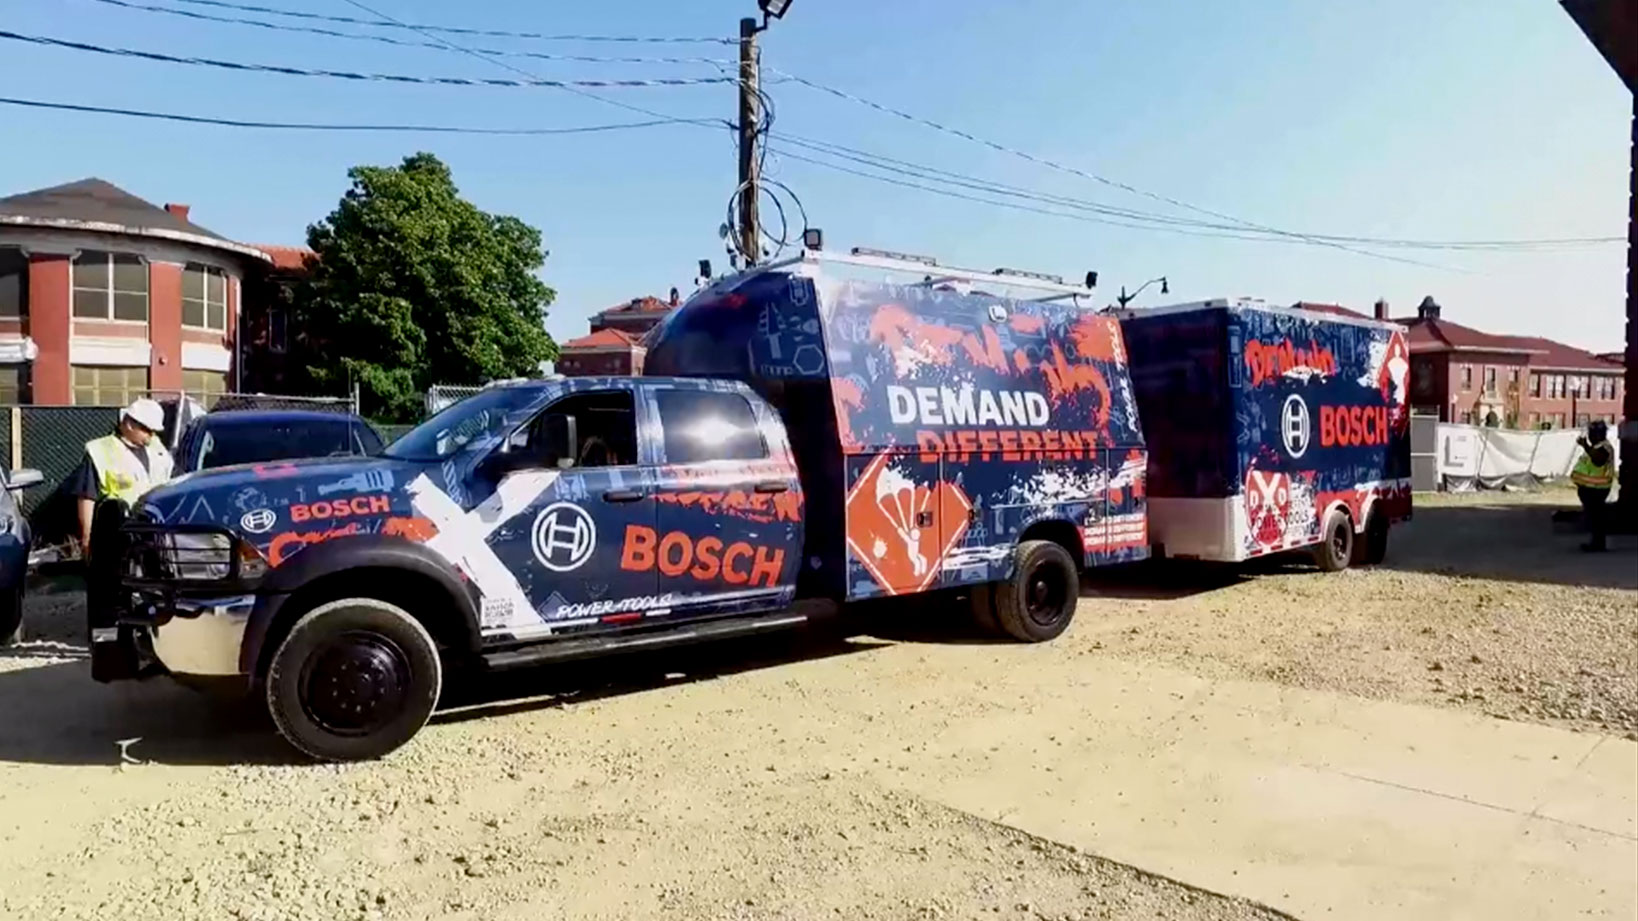 Bosch Demand Different – Mobile Tour, Vehicle Wrap, Social Media Content